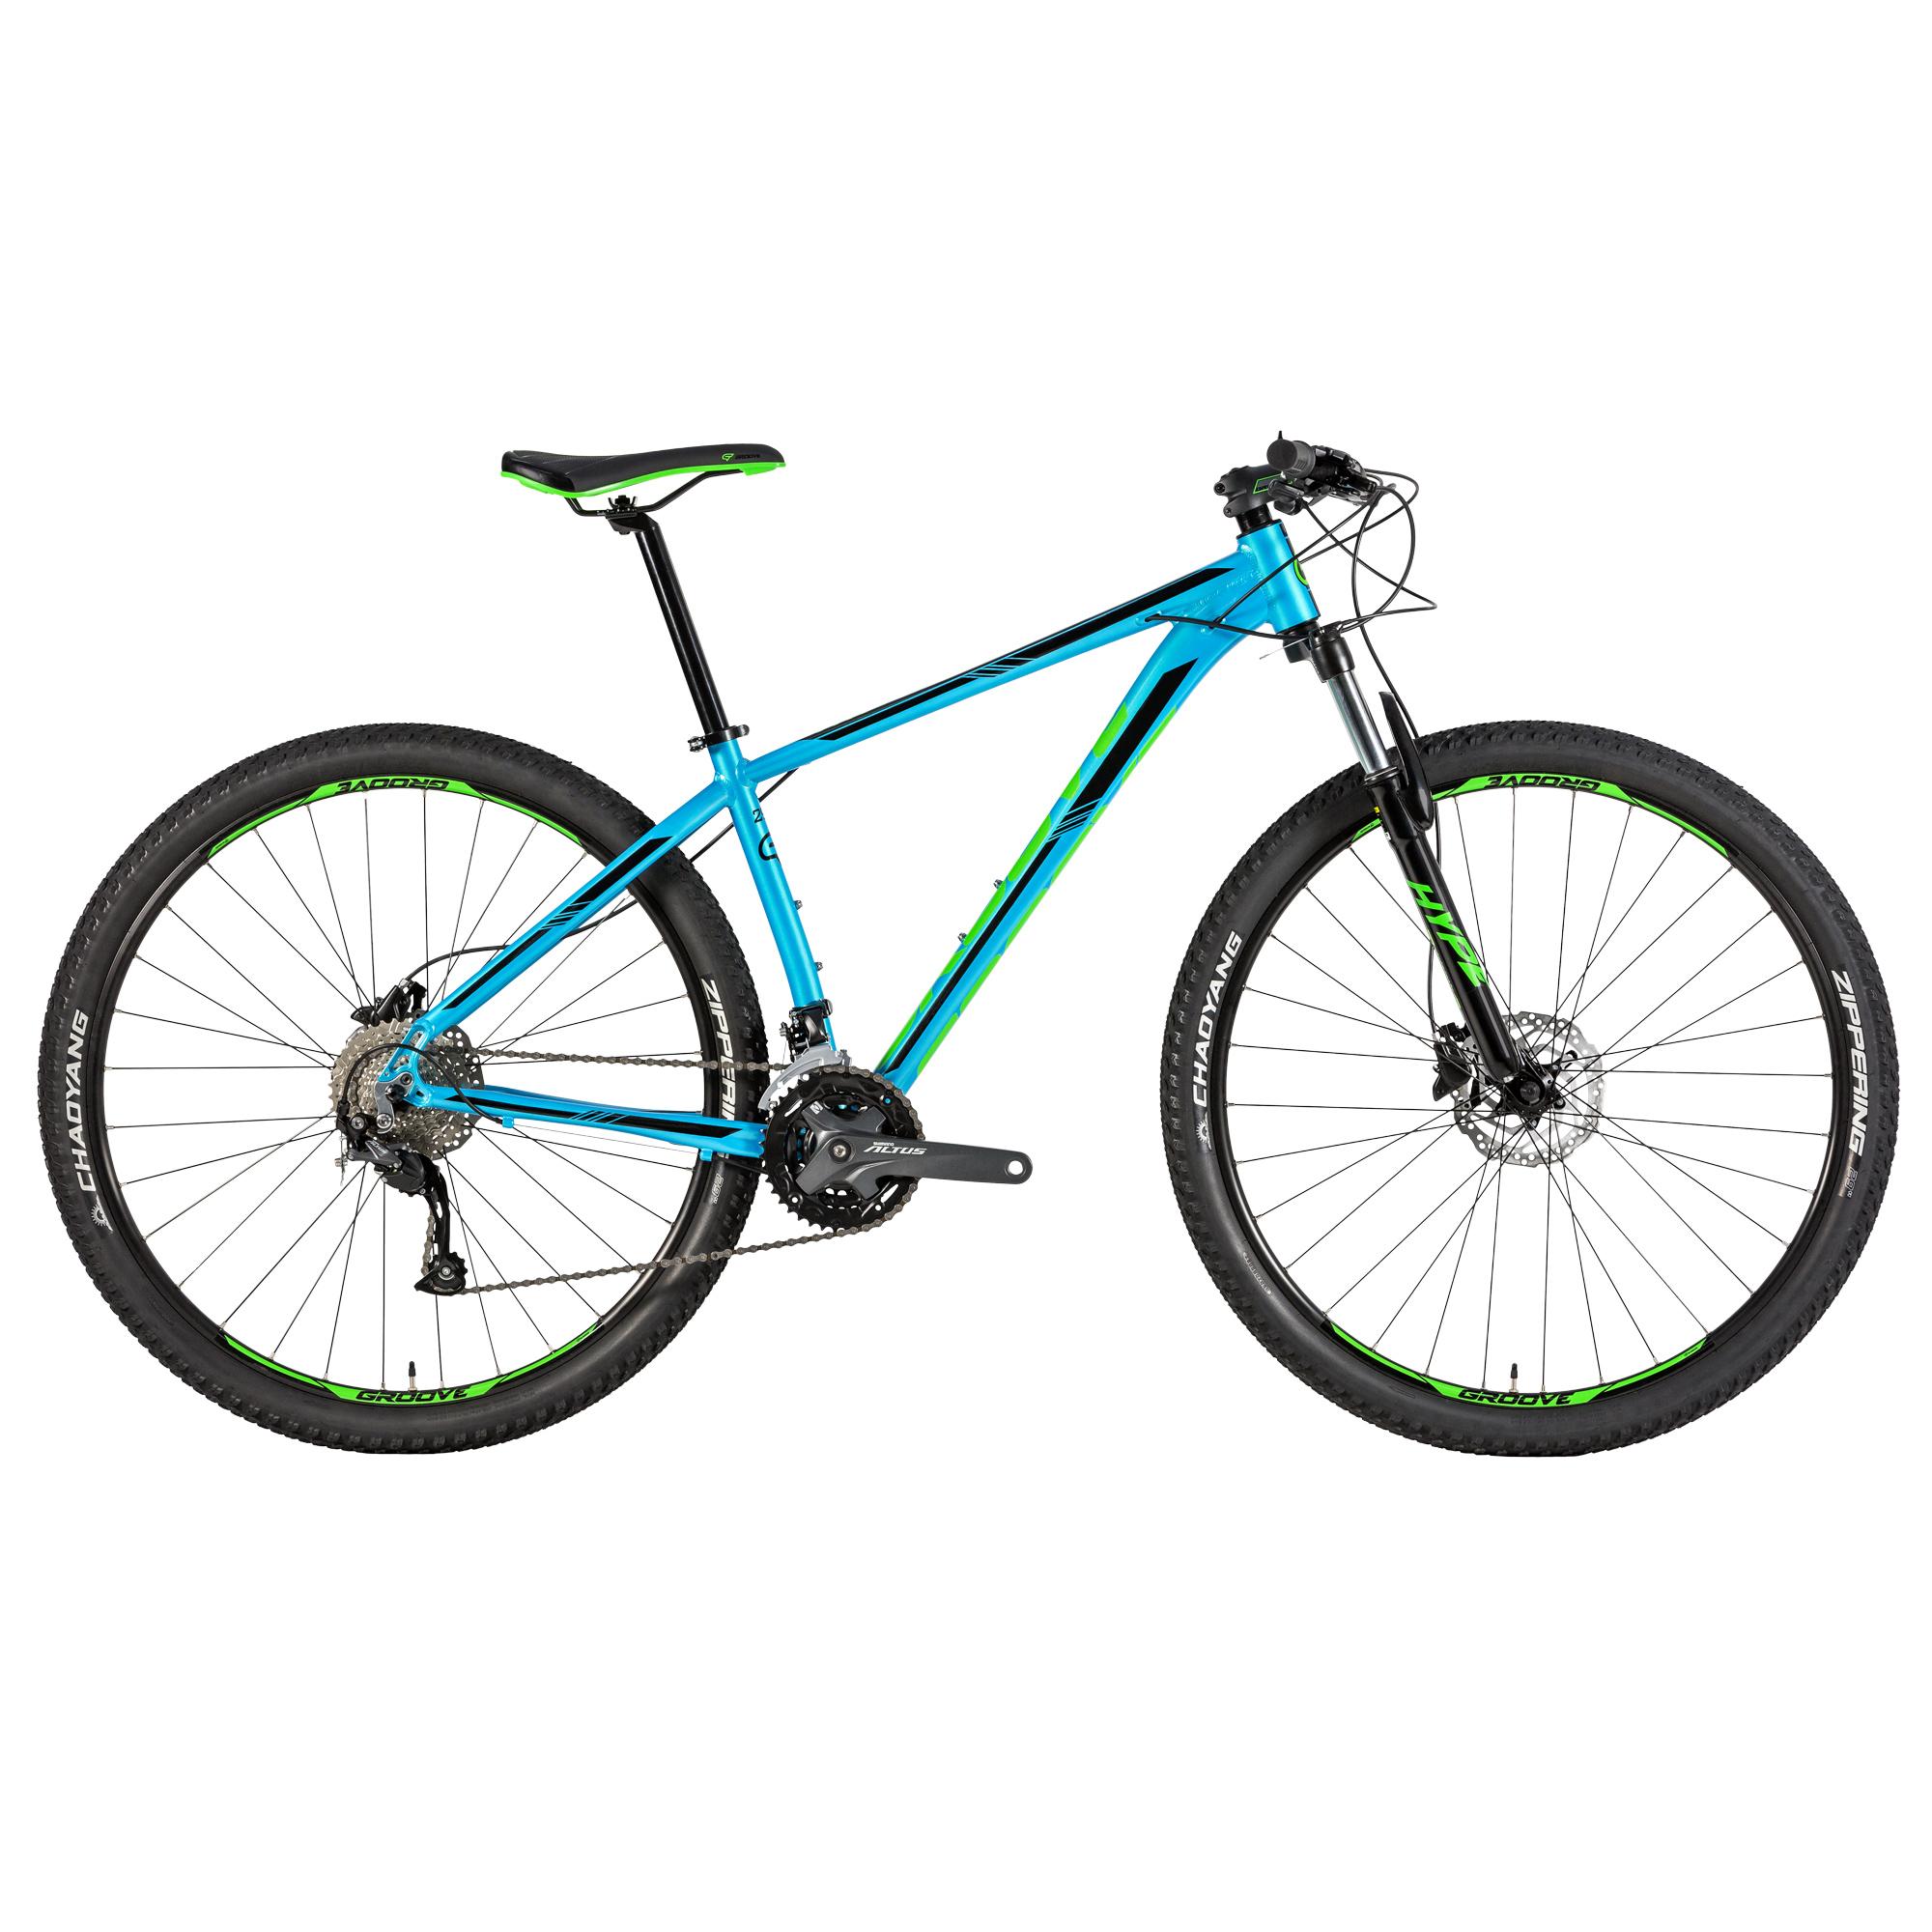 Bicicleta-Groove-Hype-70-01